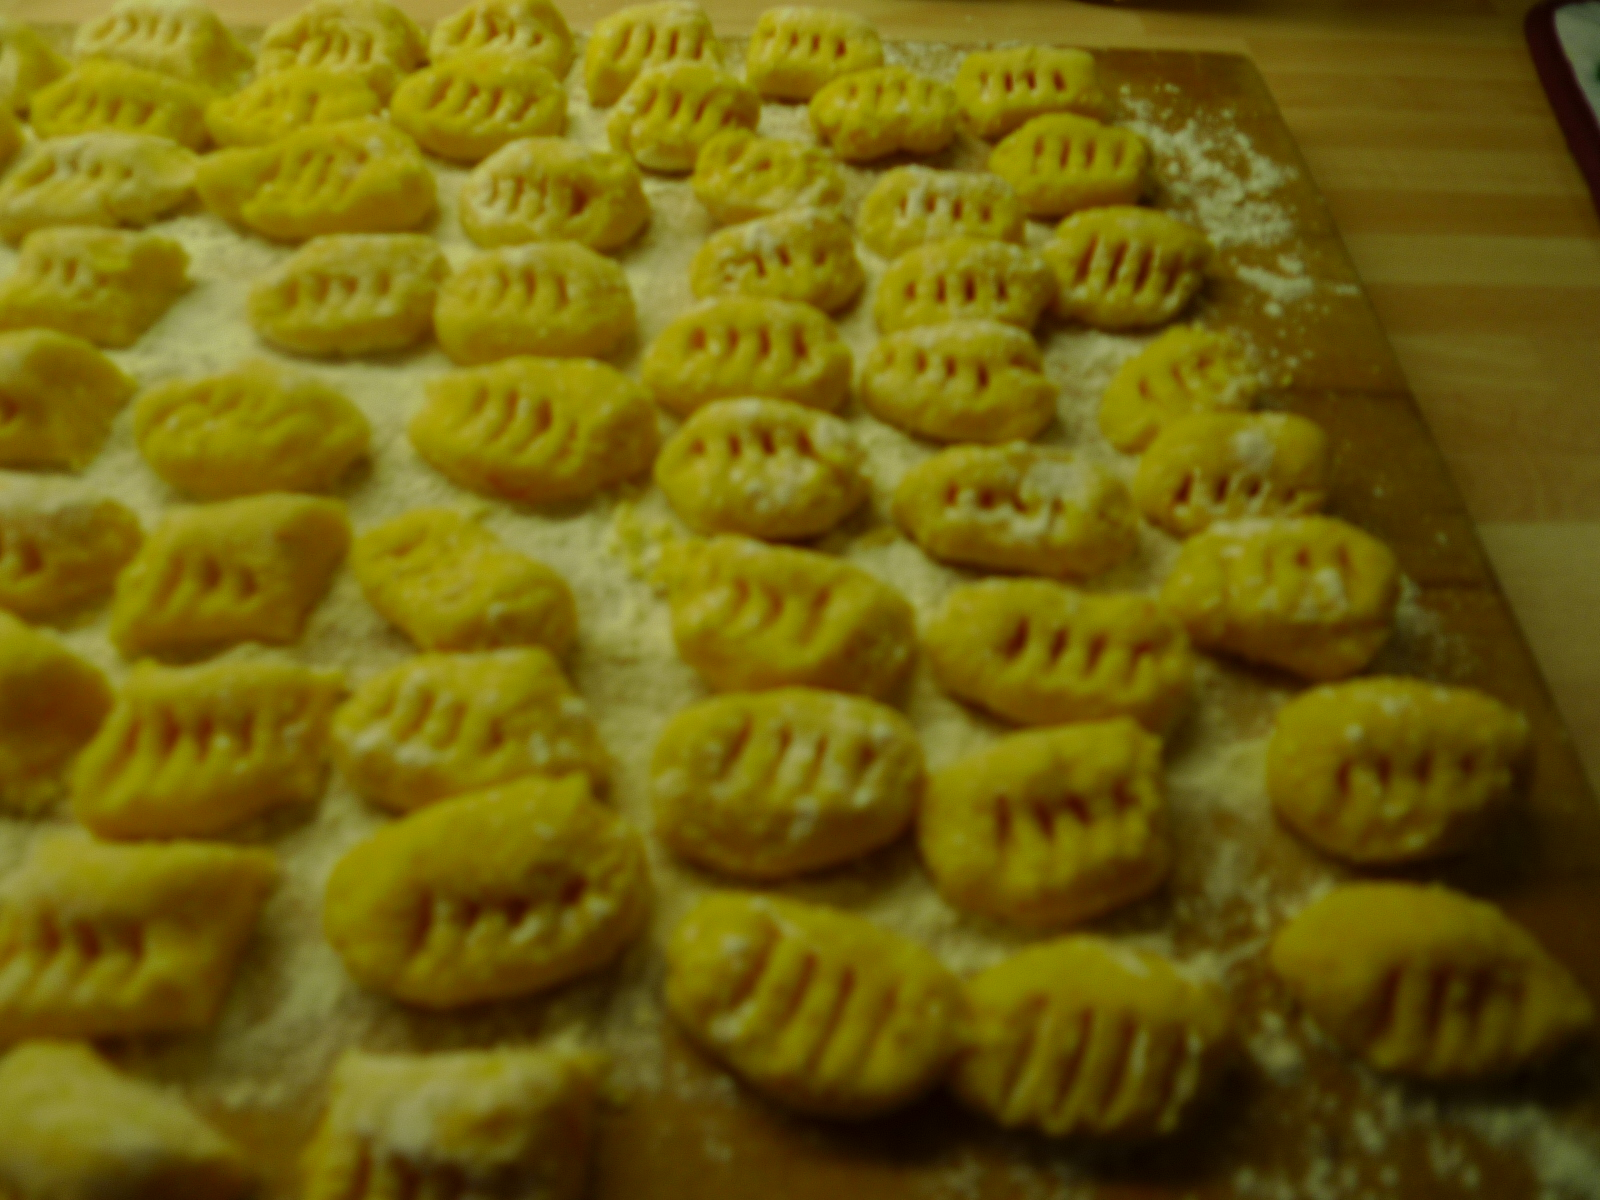 Gnocchi,Lauchgemüse,Entenkeule -7.12.14   (1a) (13)